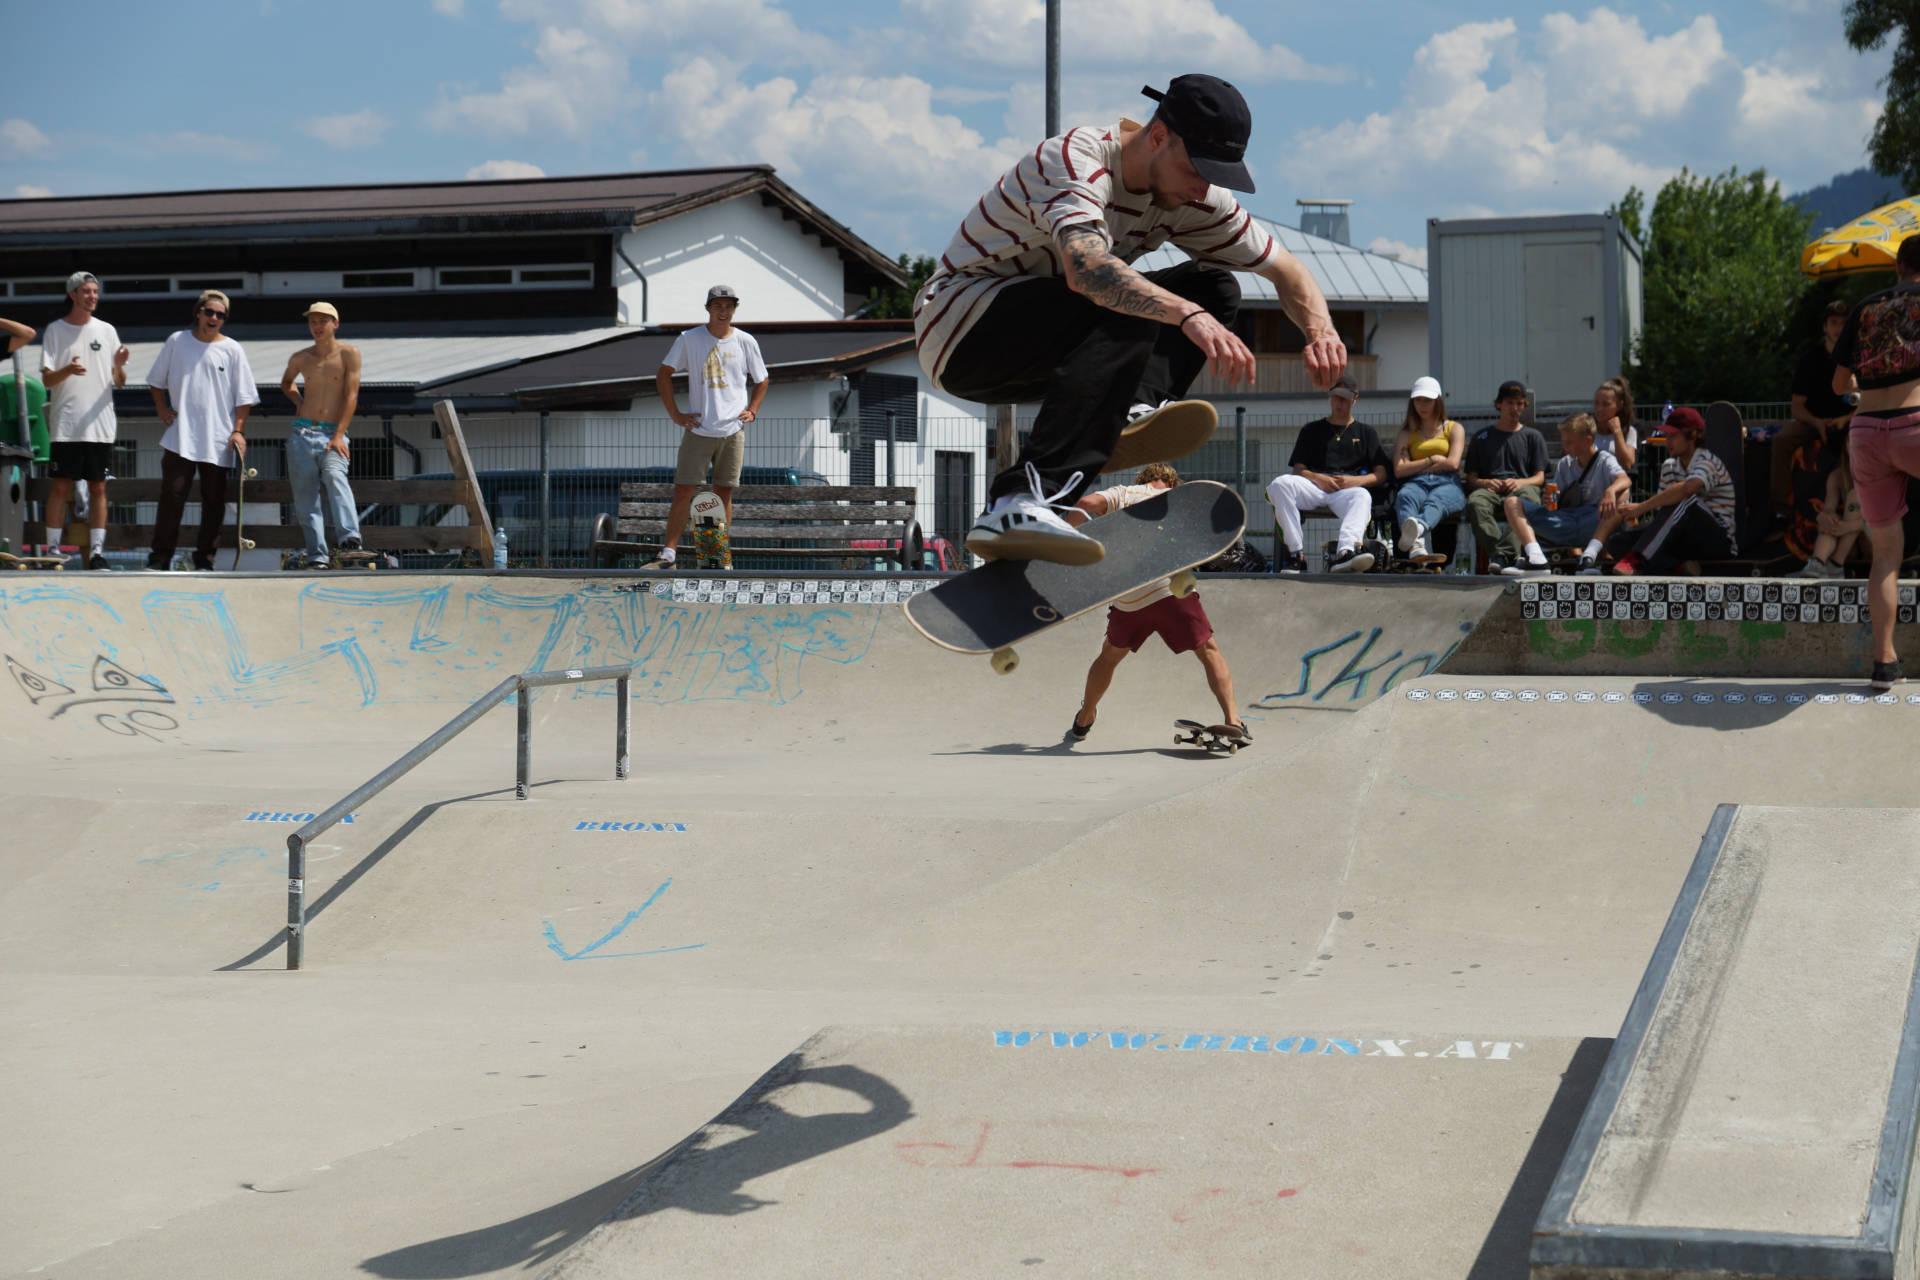 skateboardheadz st johann in tirol kgt 2019 finale 00001